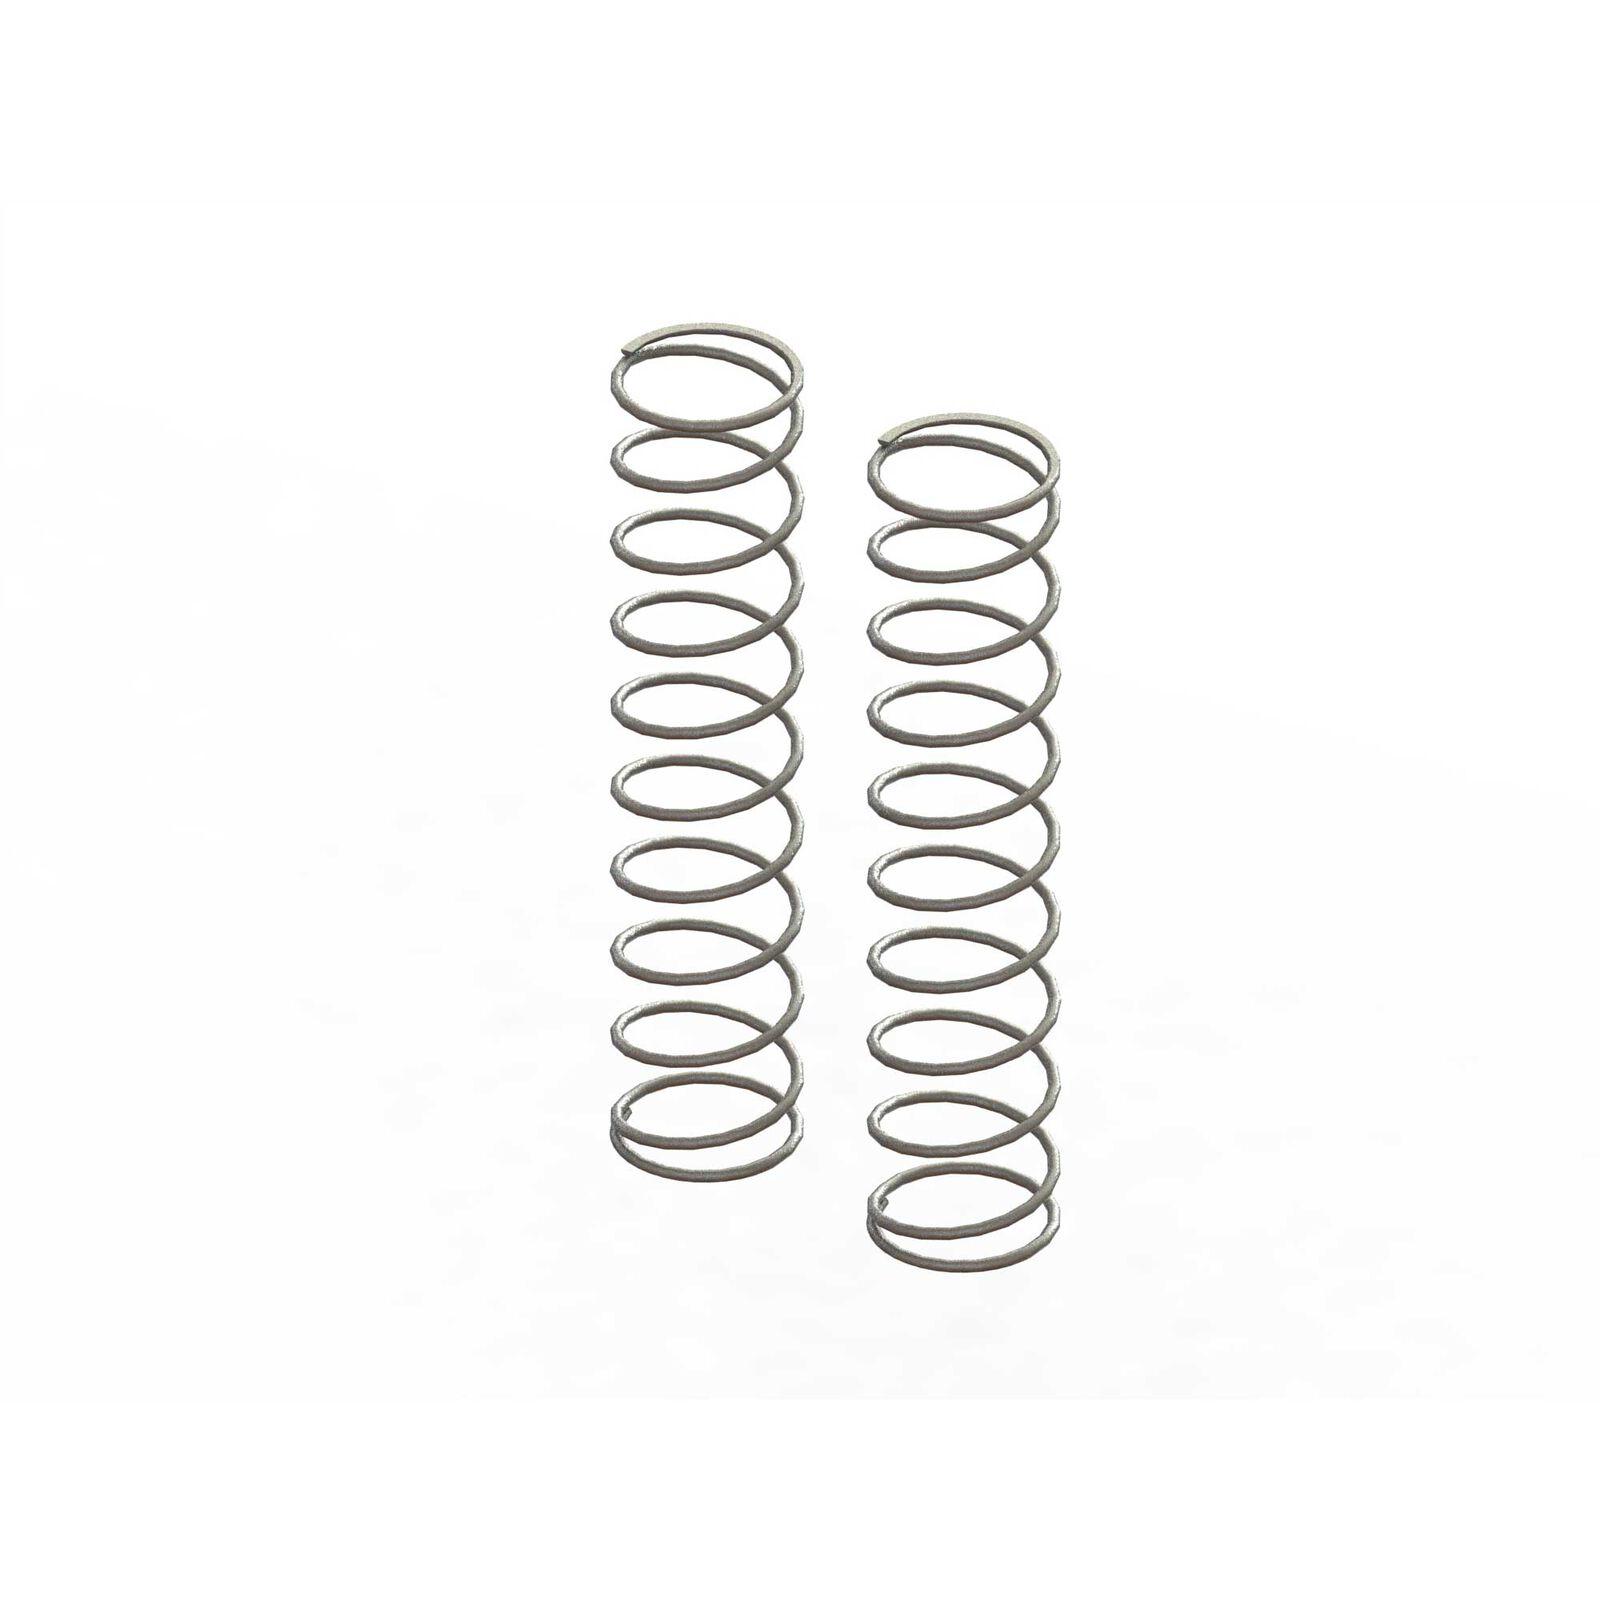 Shock Springs, 110mm 0.63N/sq.m (3.6 f-lb/in) (2)